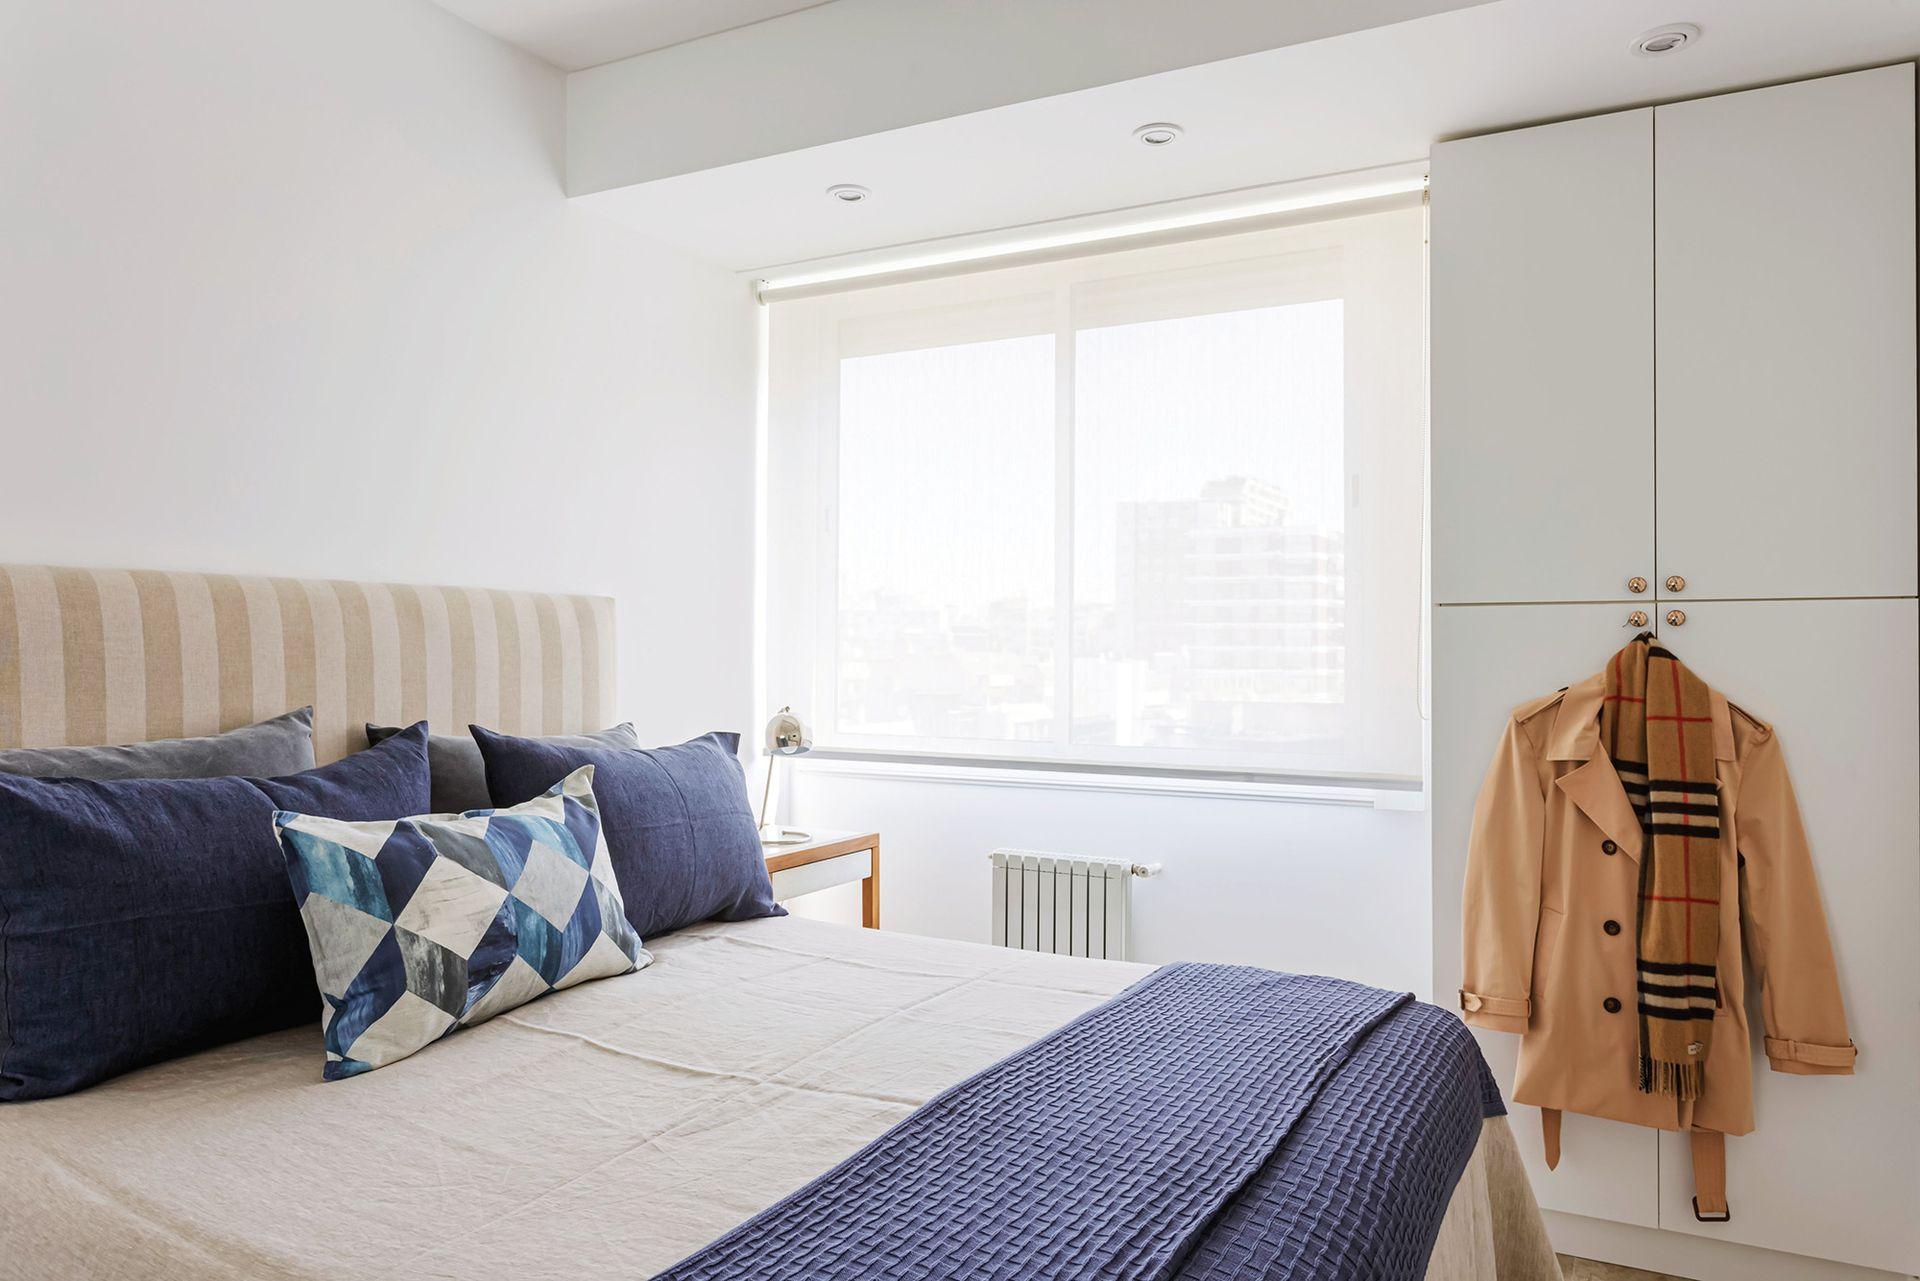 En la cama, cubreedredón de lino beige, manta tejida azul y almohadón estampado (Ramos Generales). Mesas de luz (Eugenio Aguirre).